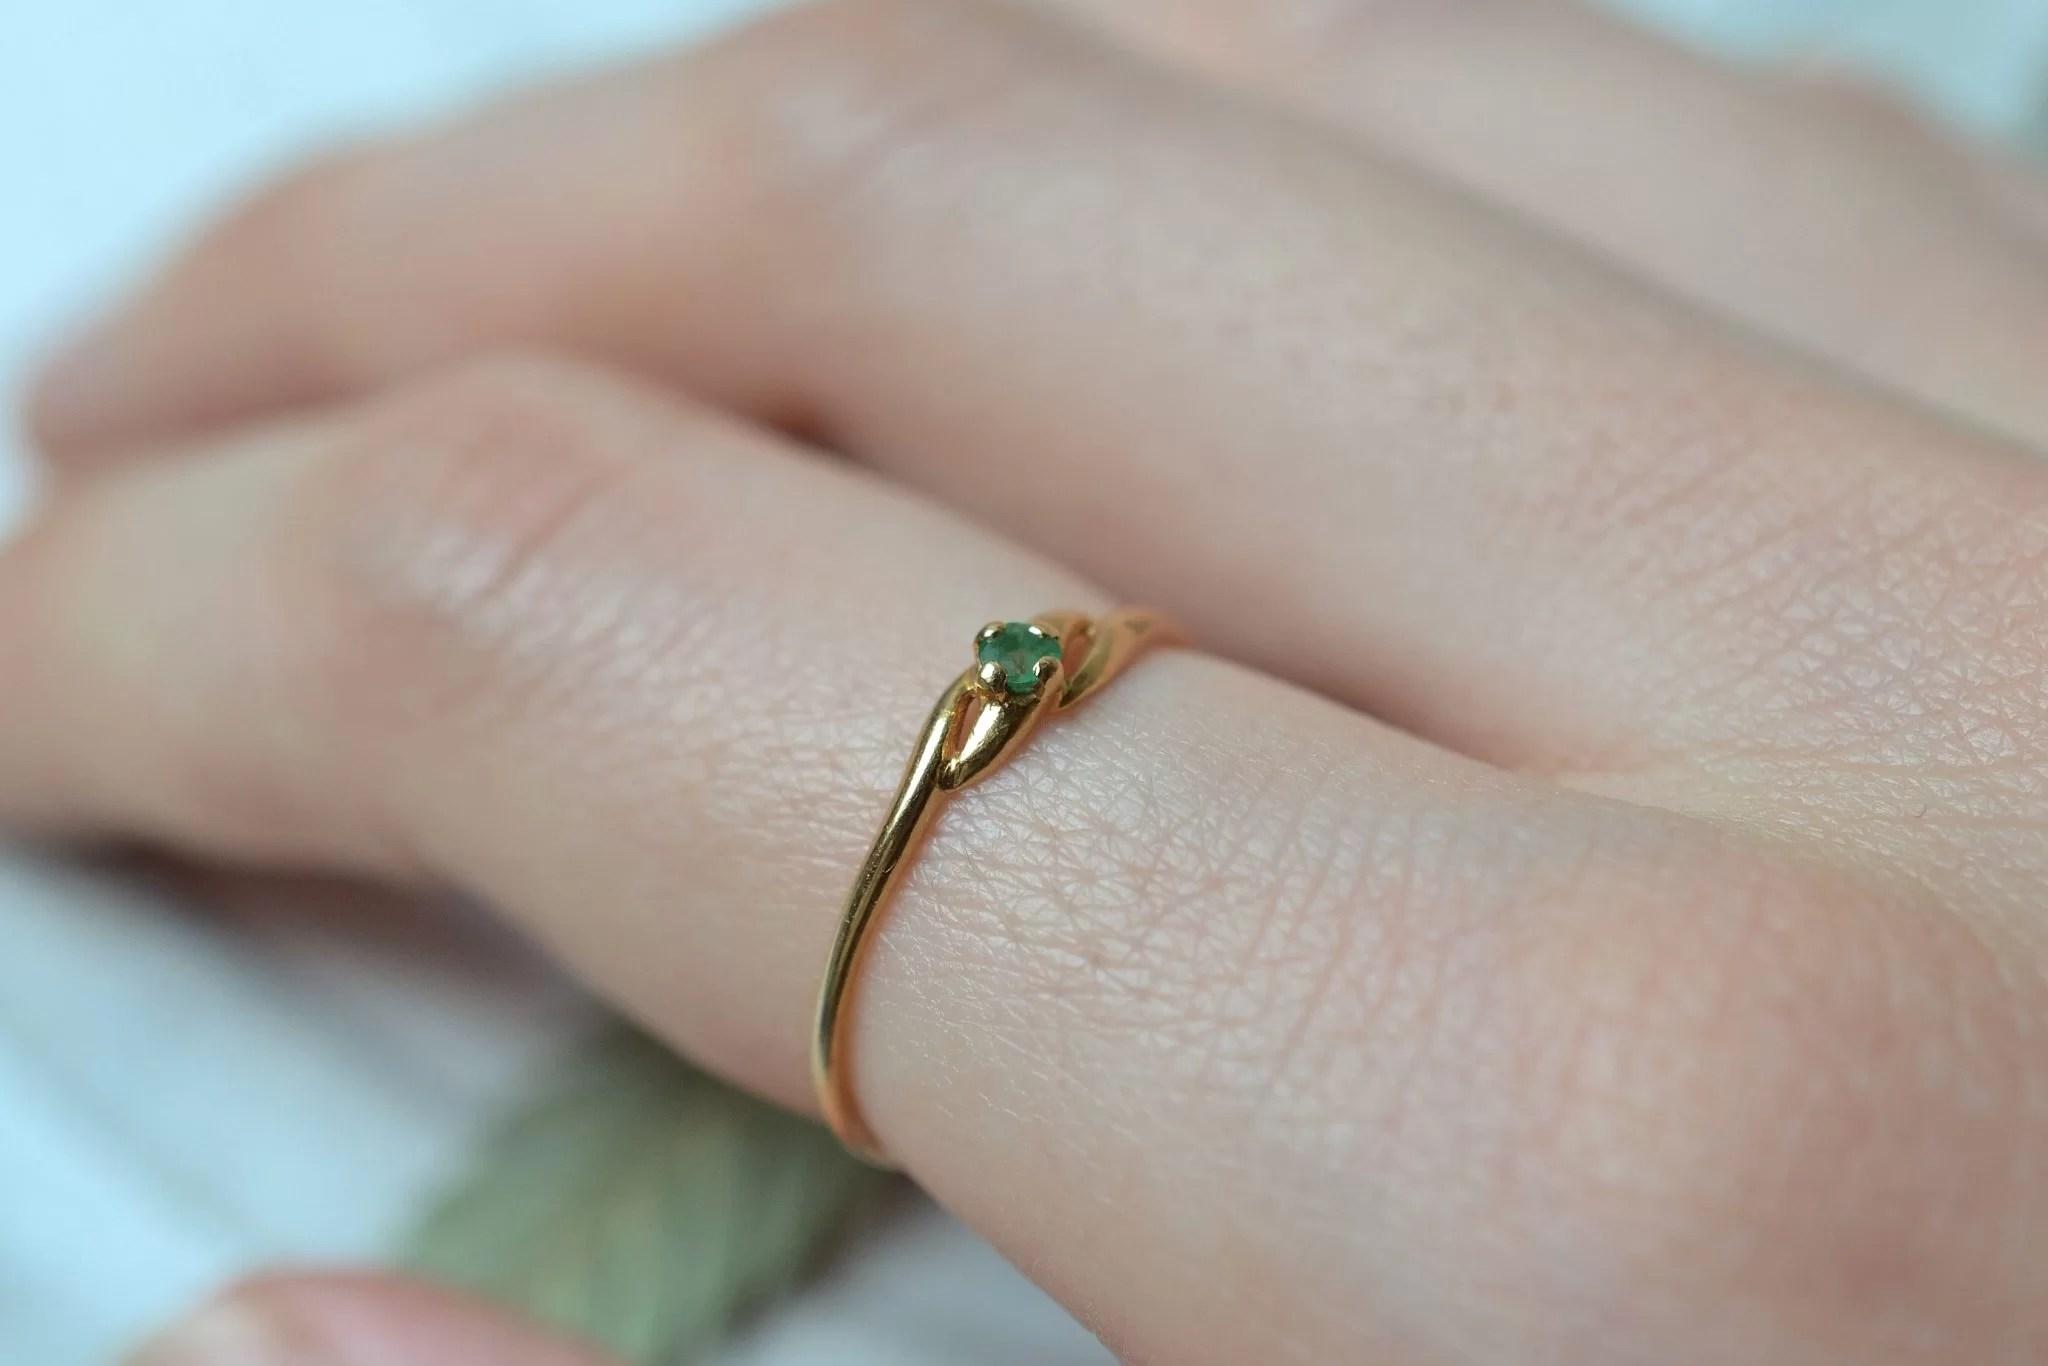 Bague en Or jaune sertie d_une petite pierre verte - bague rétro